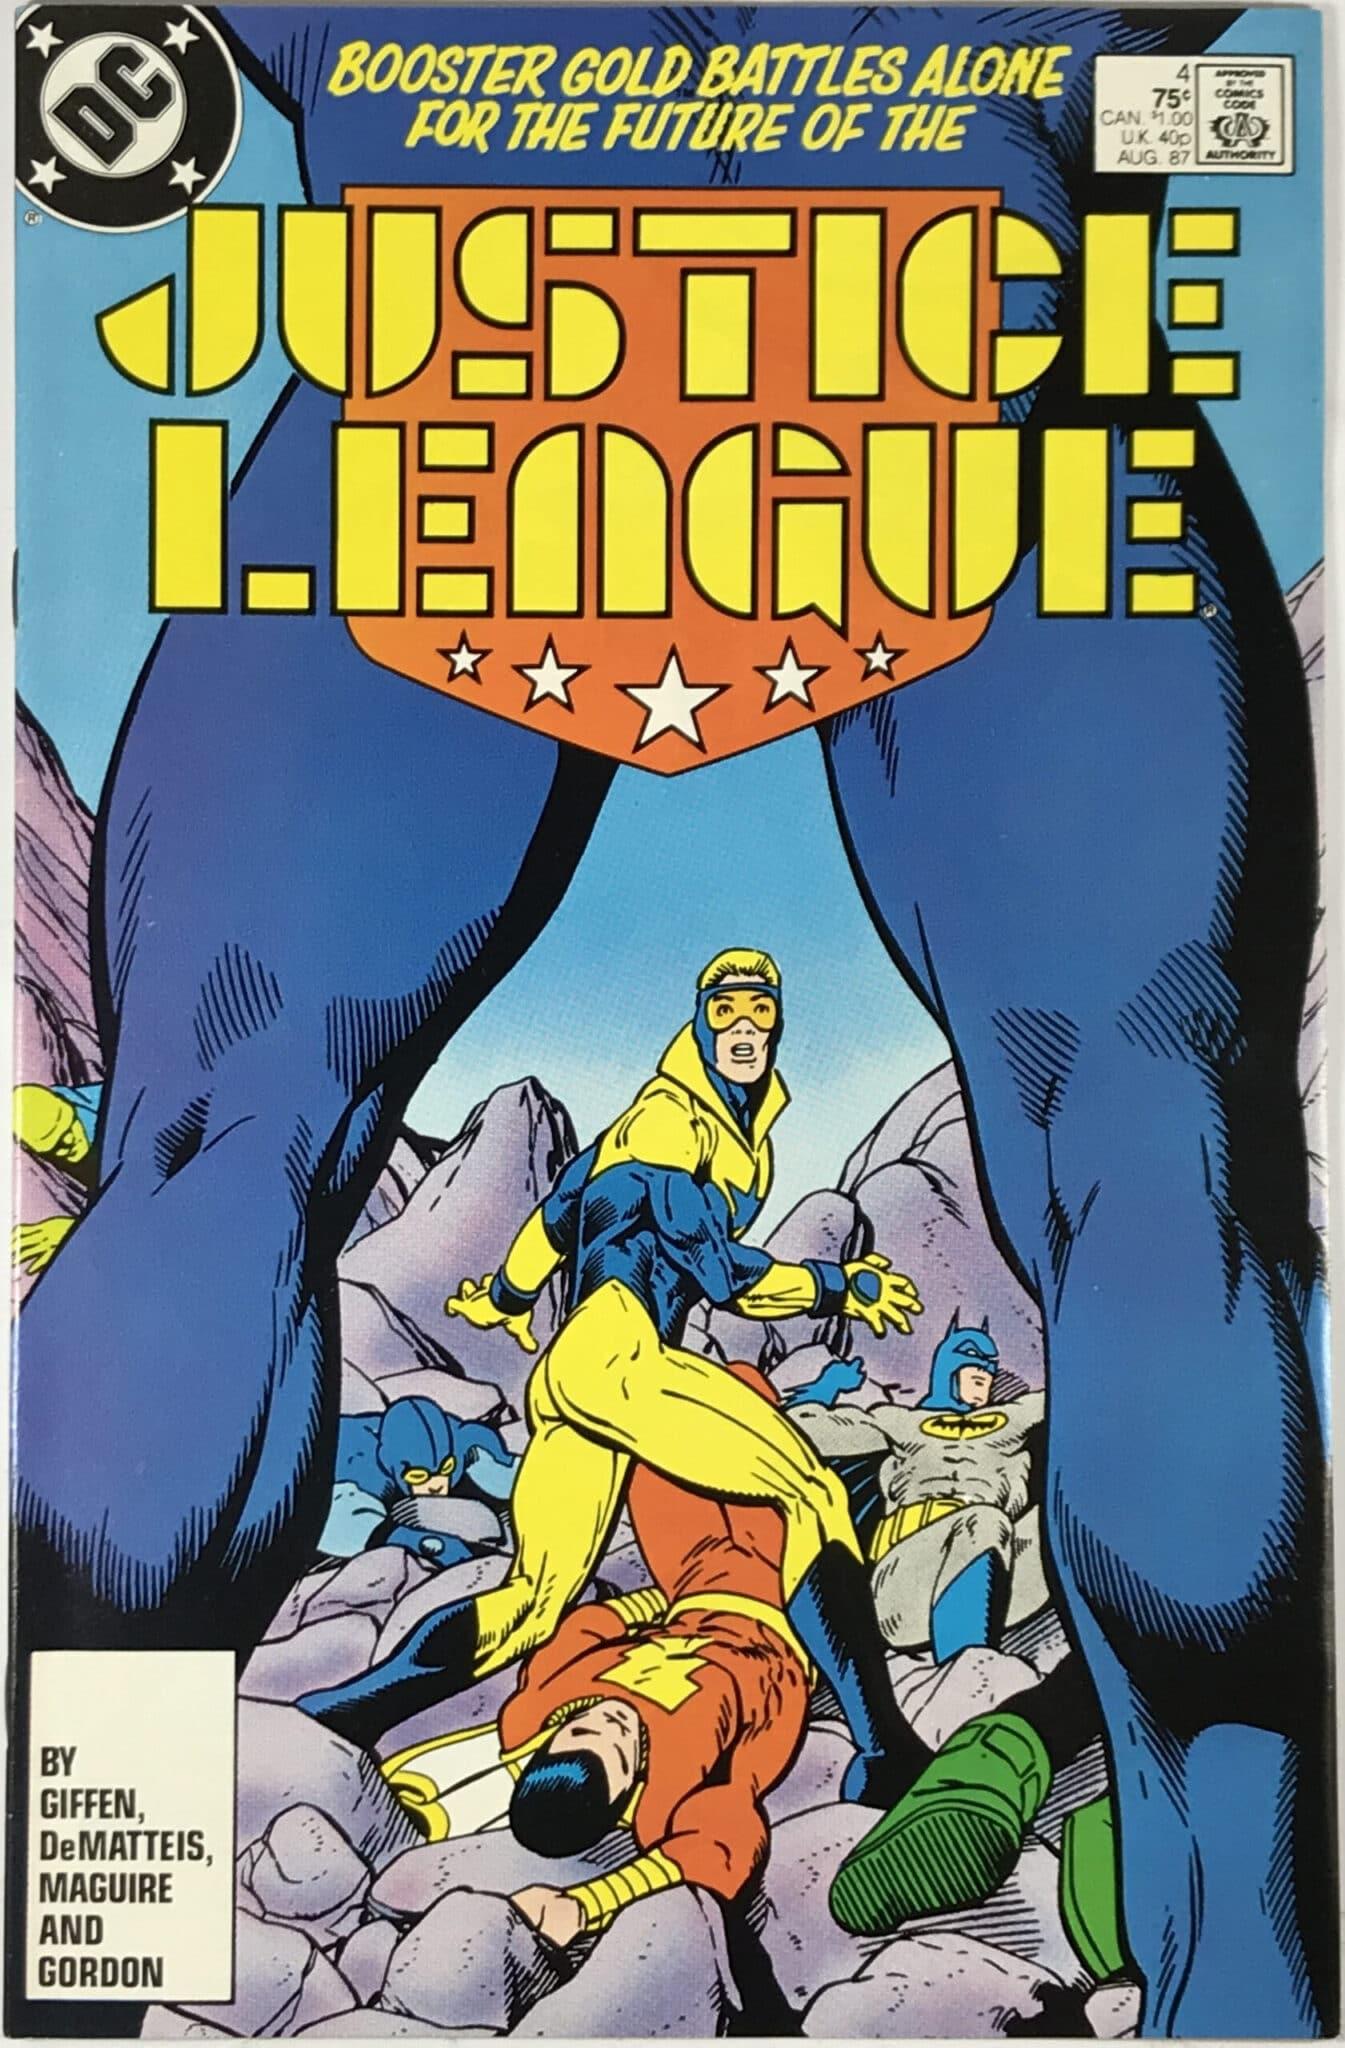 Justice League Vol. 1 (1987) #4 - Very Fine